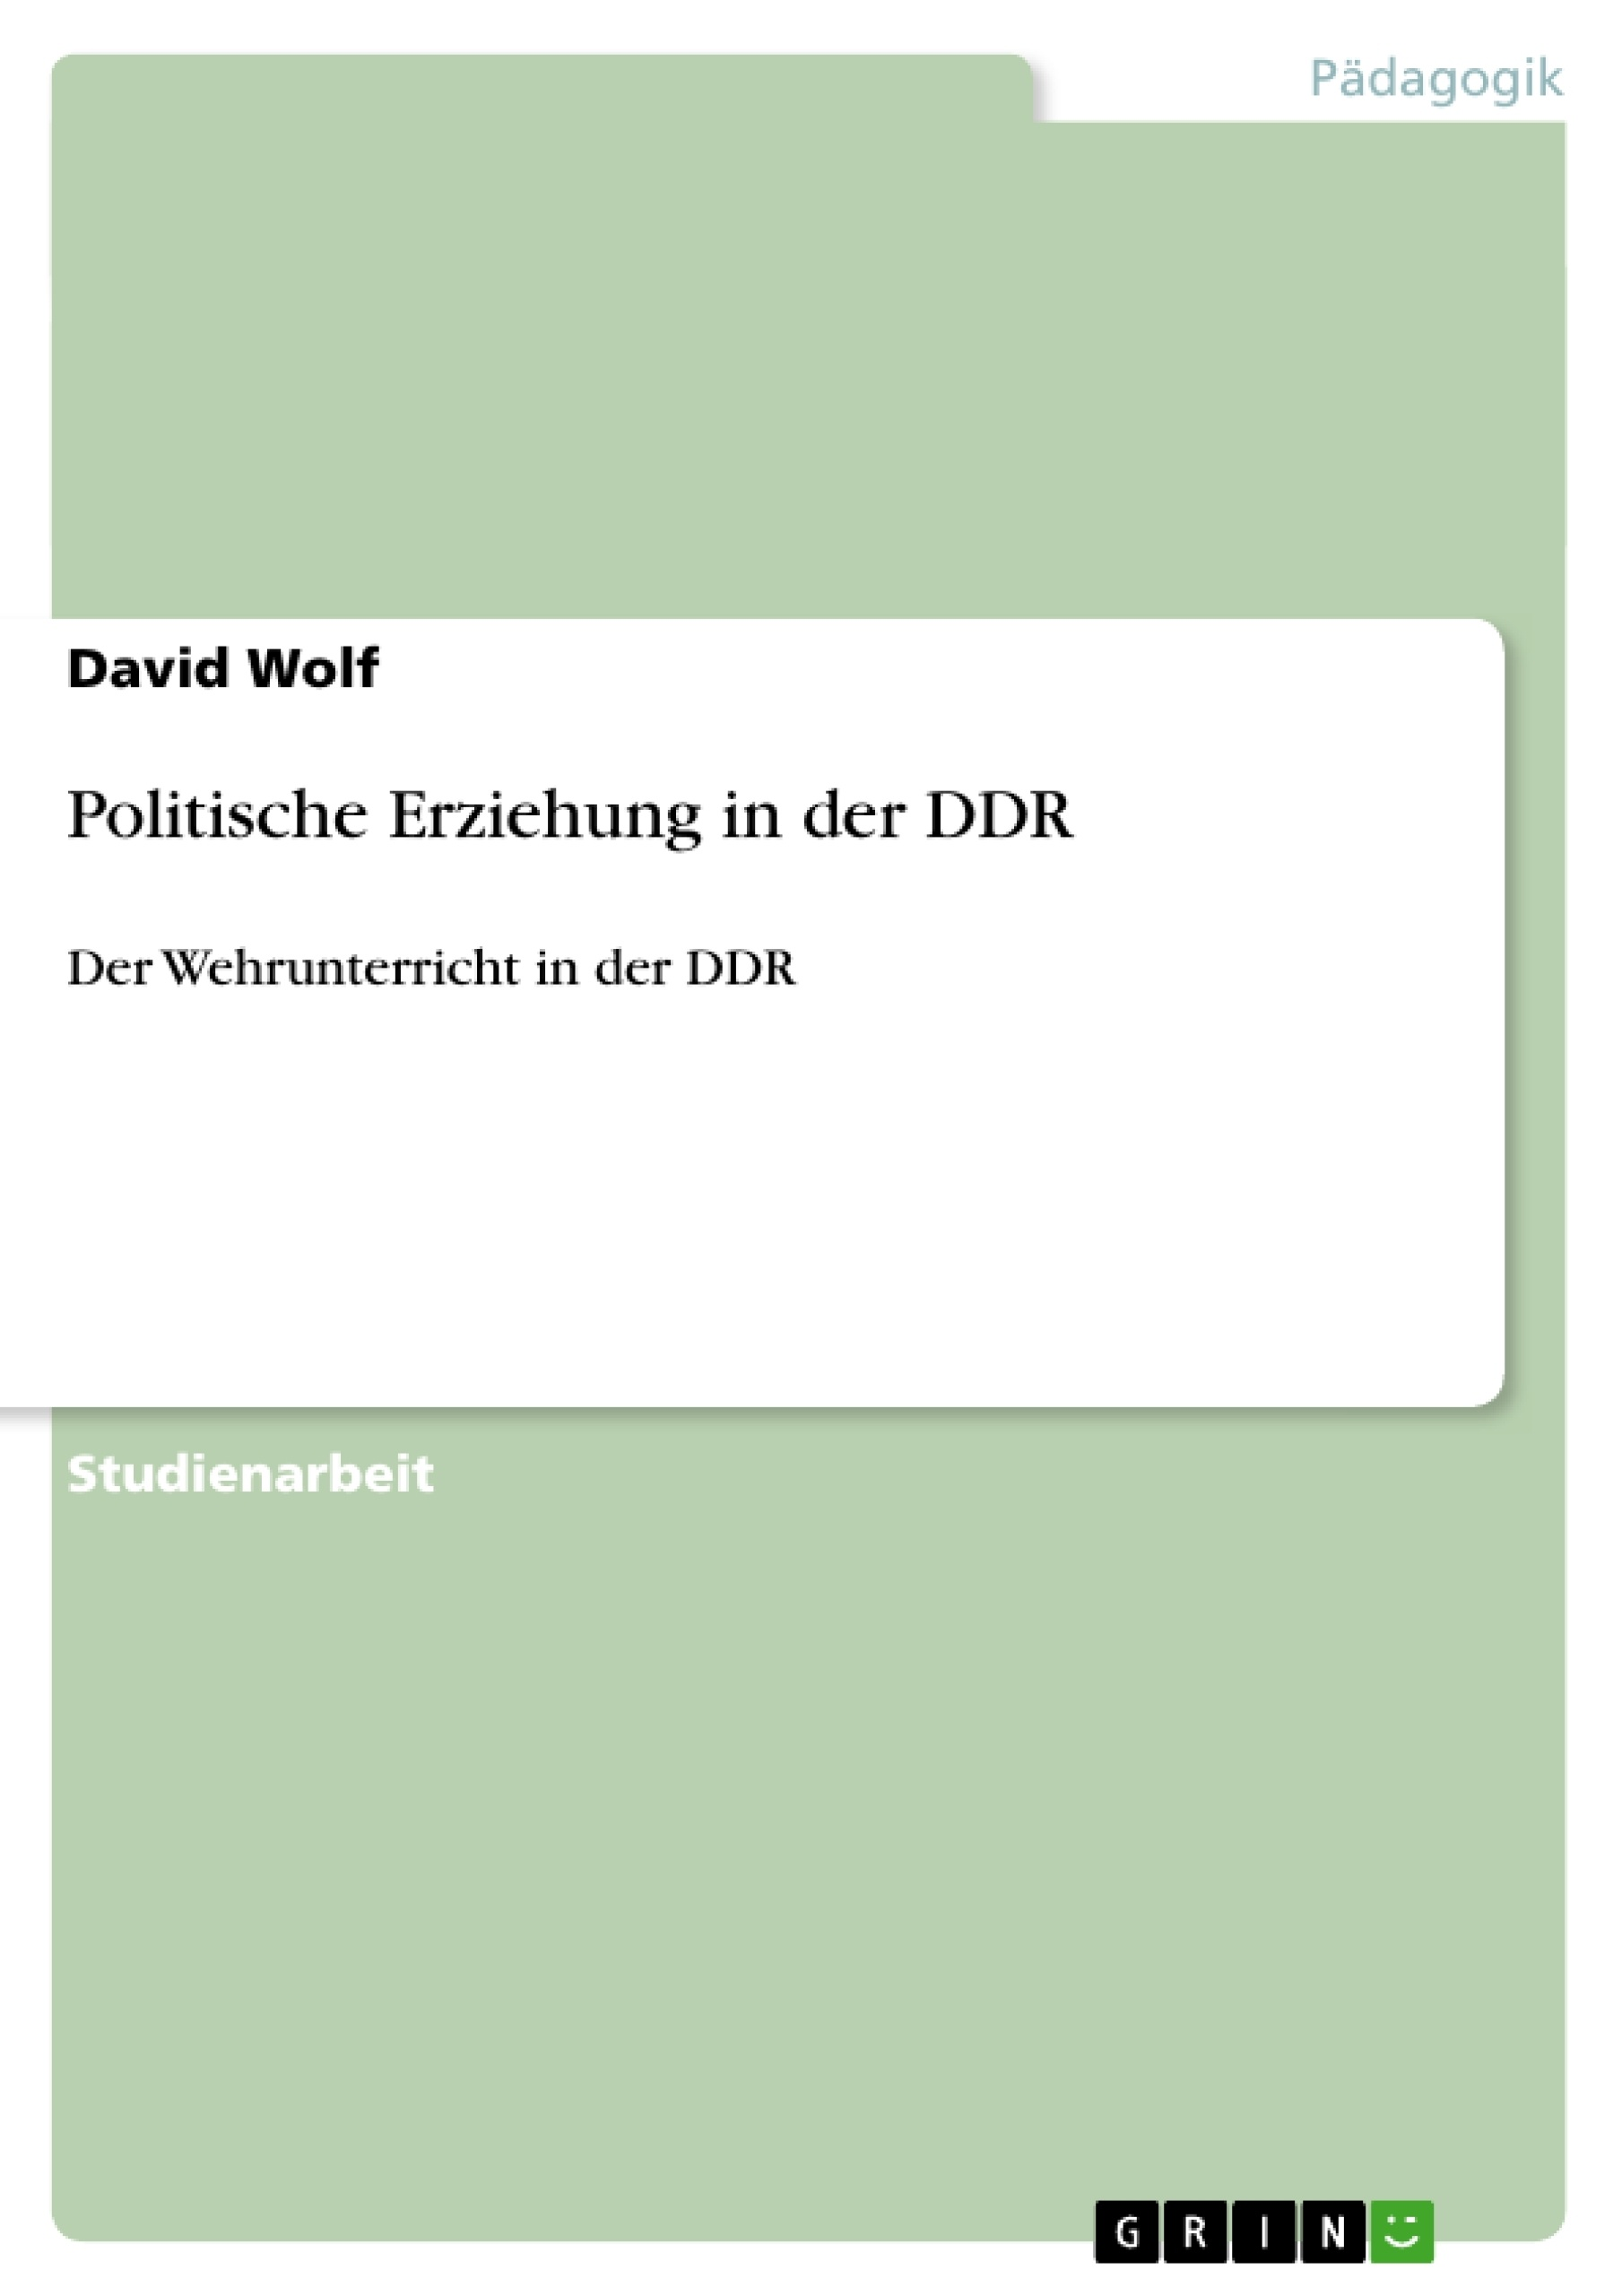 Titel: Politische Erziehung in der DDR